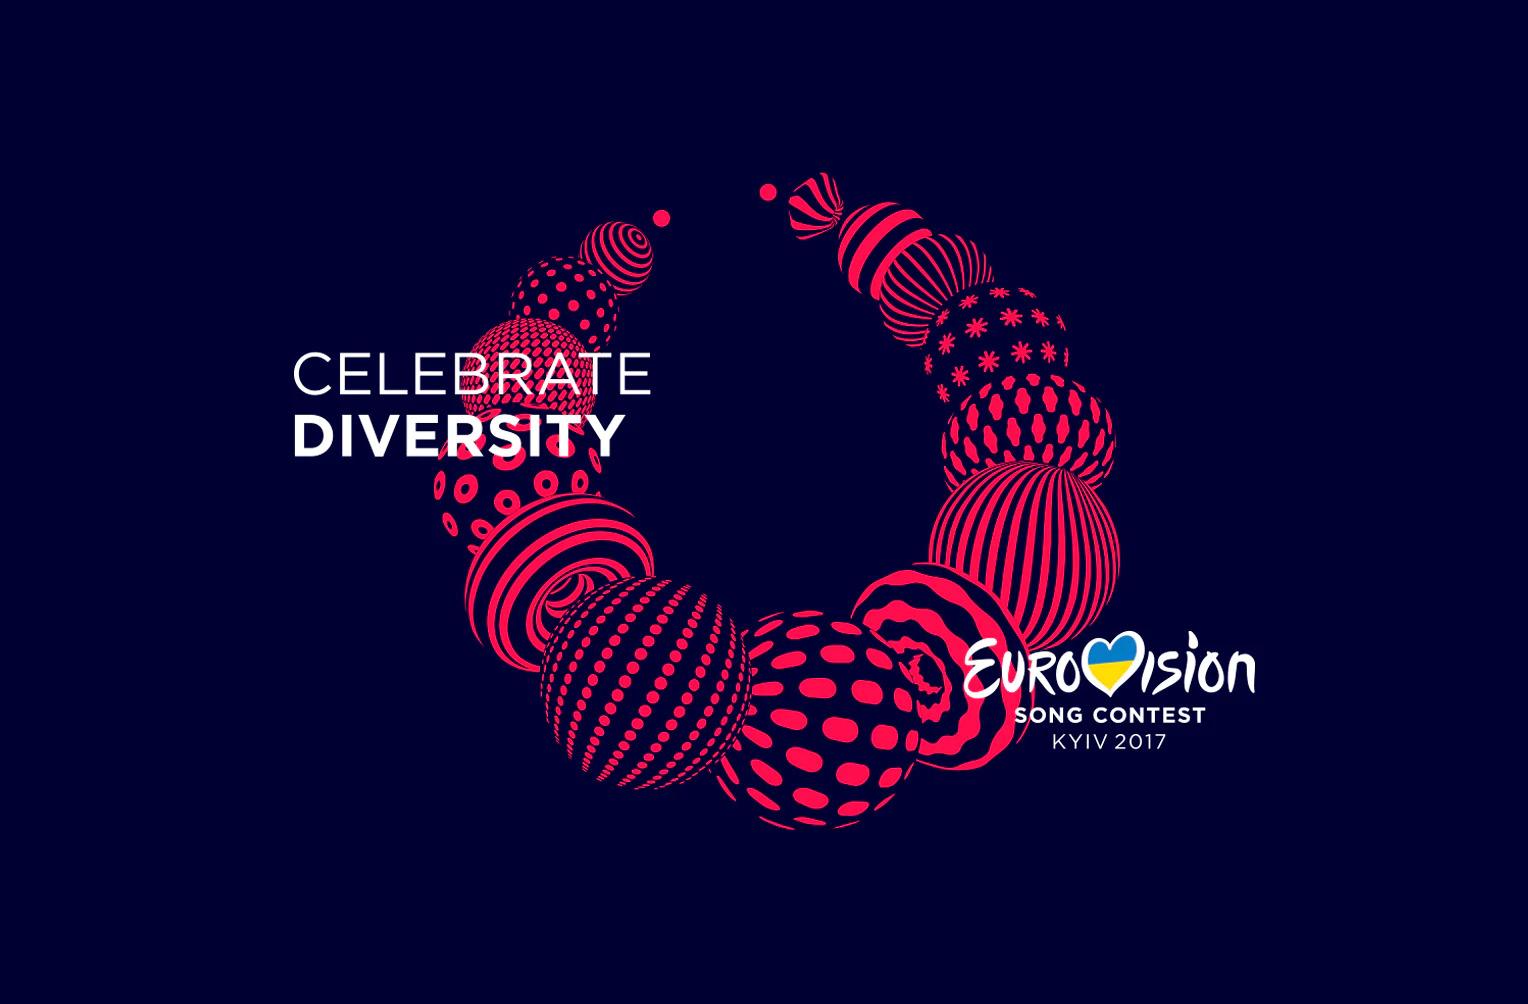 Брендинг для конкурсу Євробачення-2017